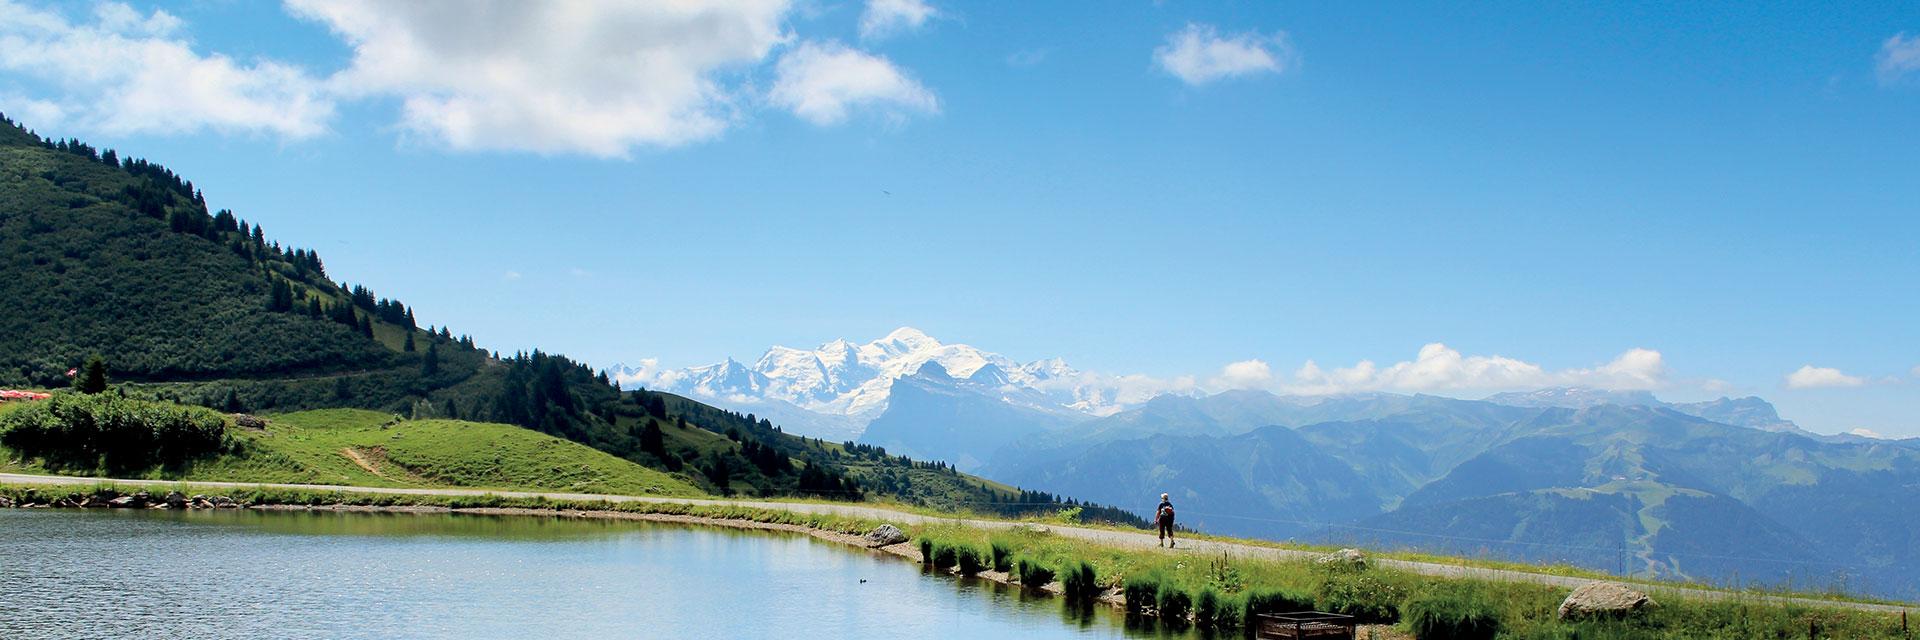 Votre séjour en groupe en Haute-Savoie Mont Blanc